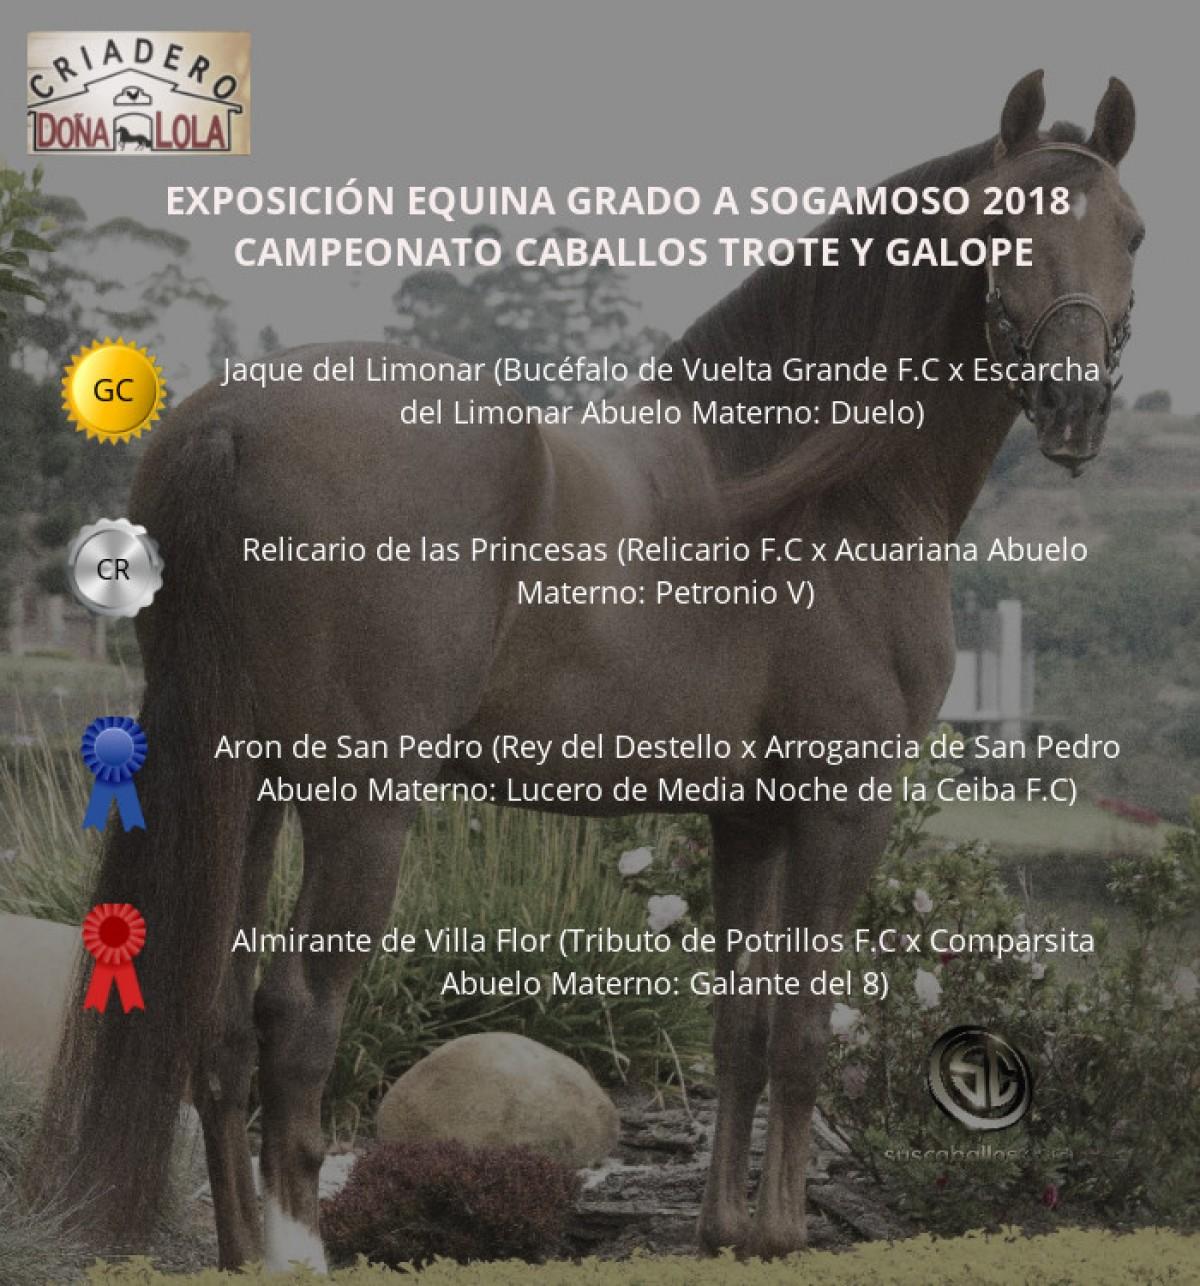 VÍDEO: Jaque Campeón, Relicario Reservado Trote Y Galope, Sogamoso 2018